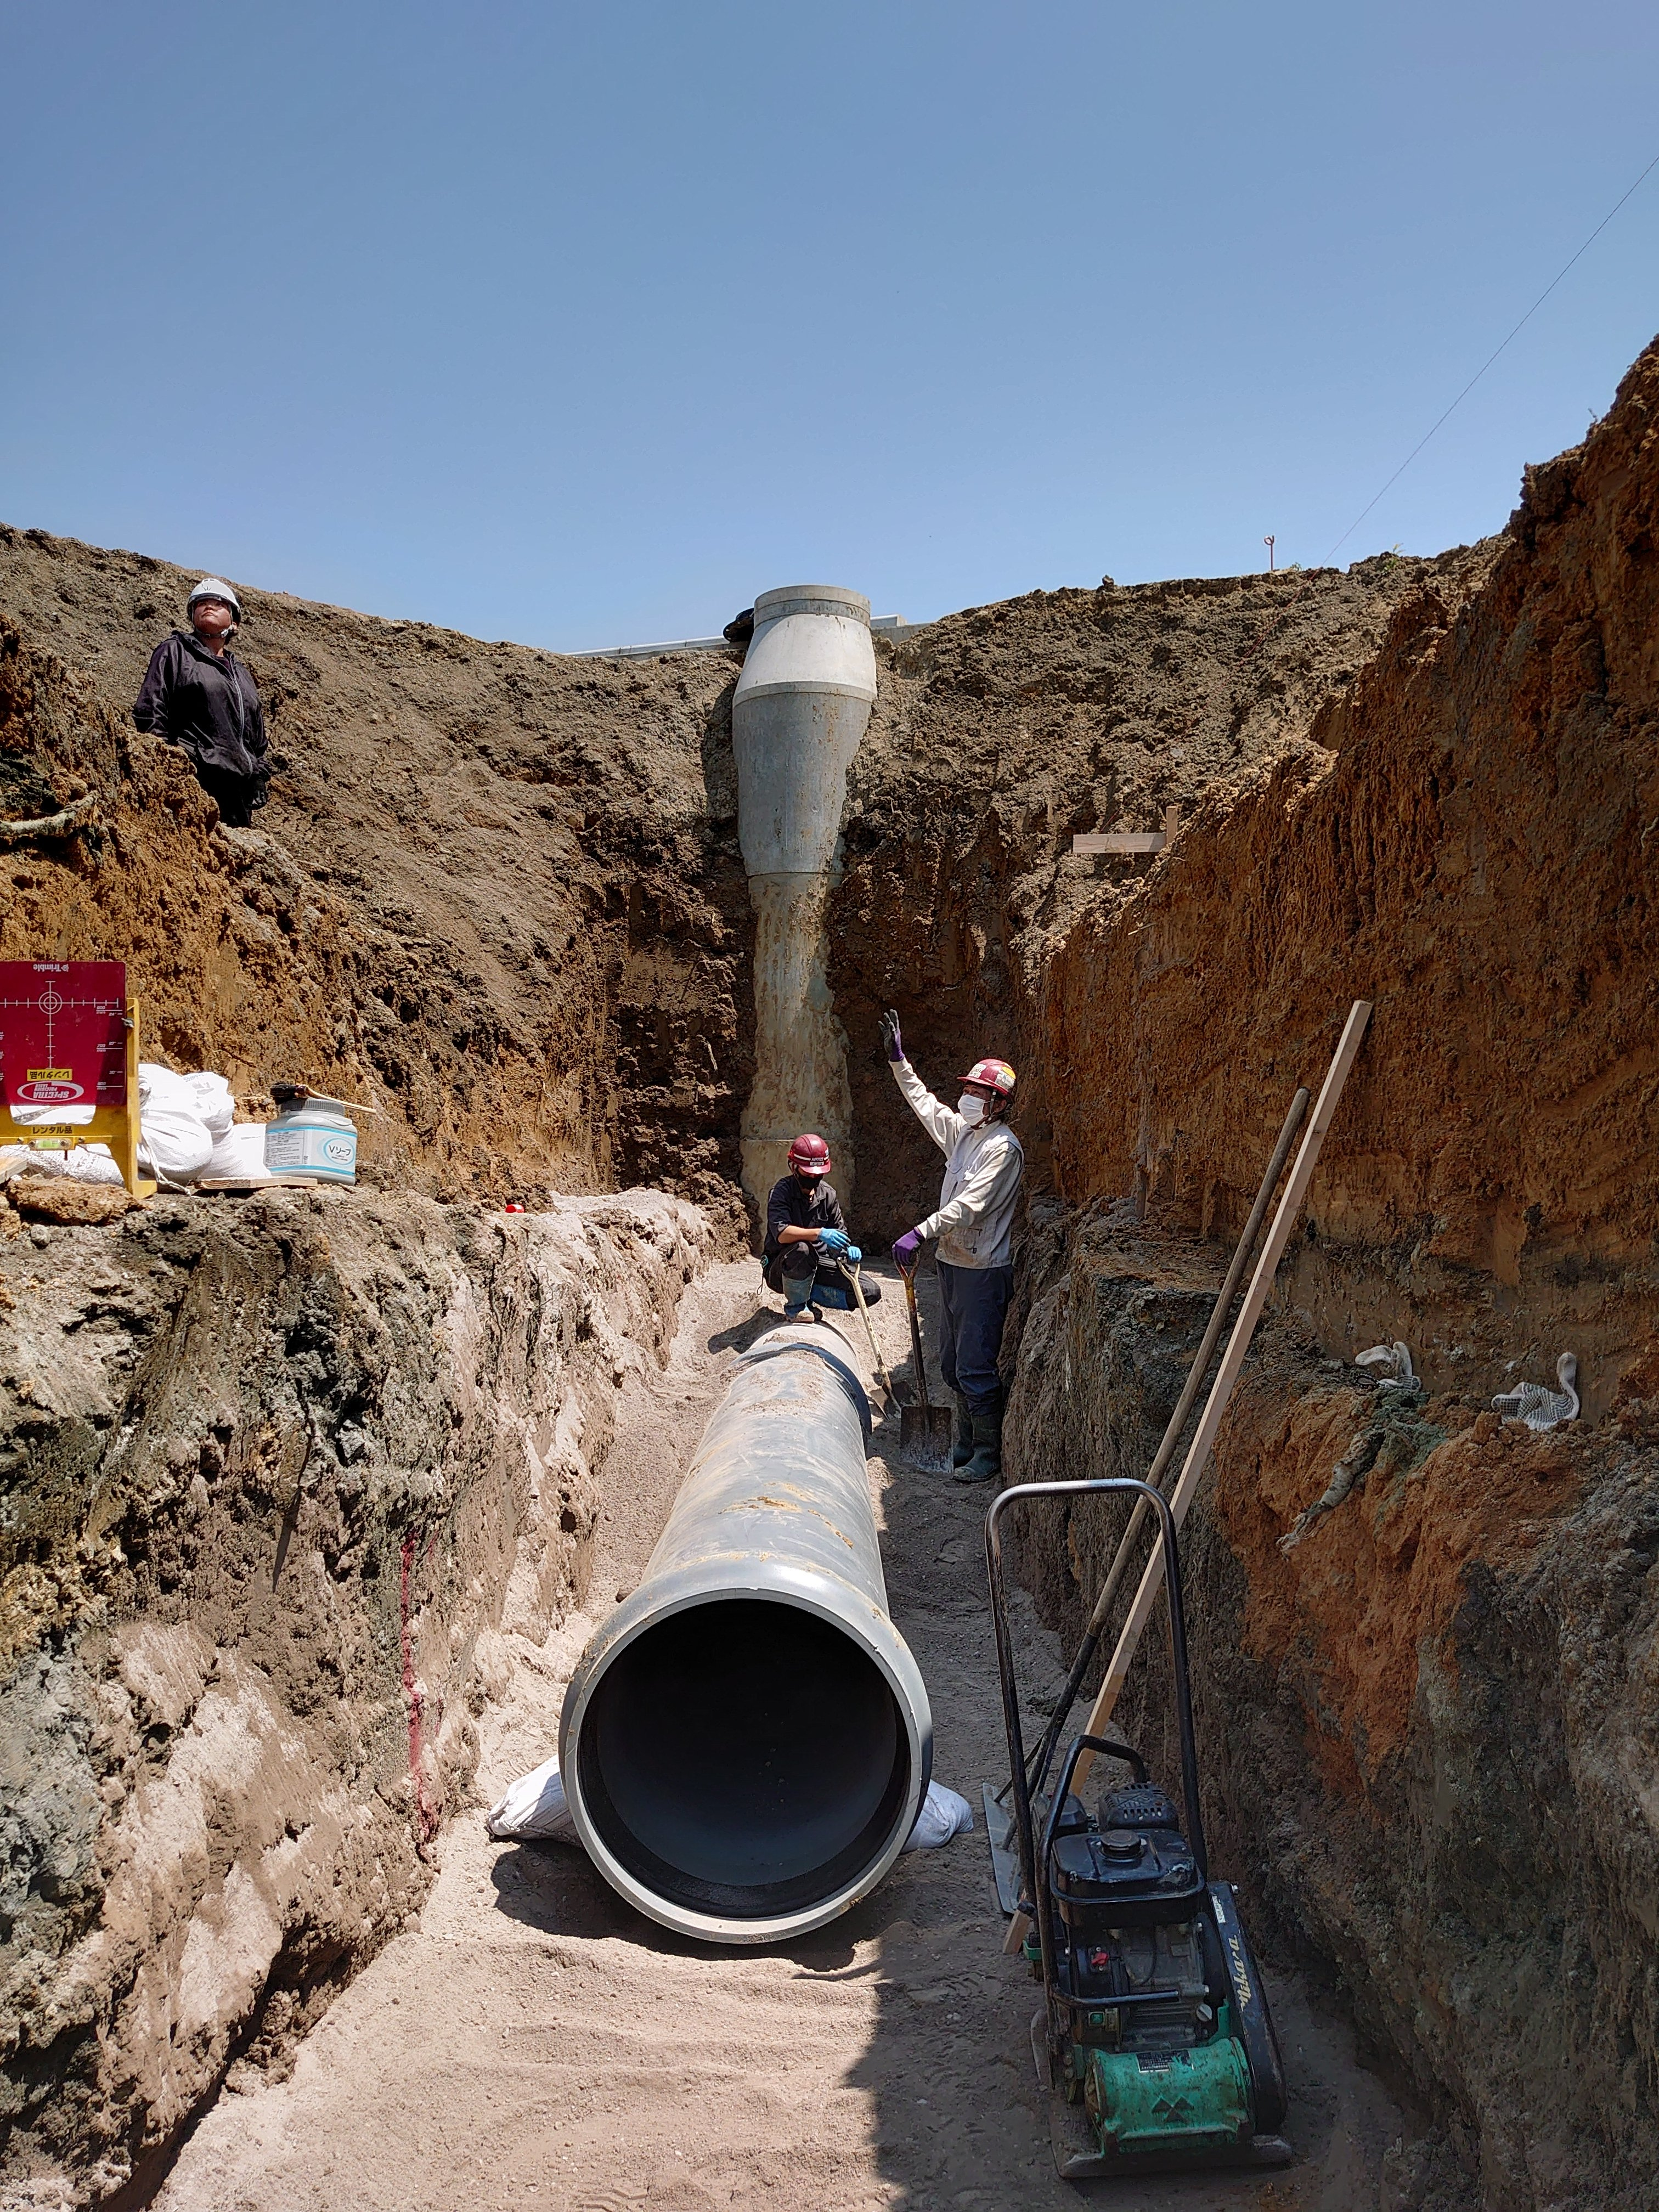 嵐山雨水配管工事